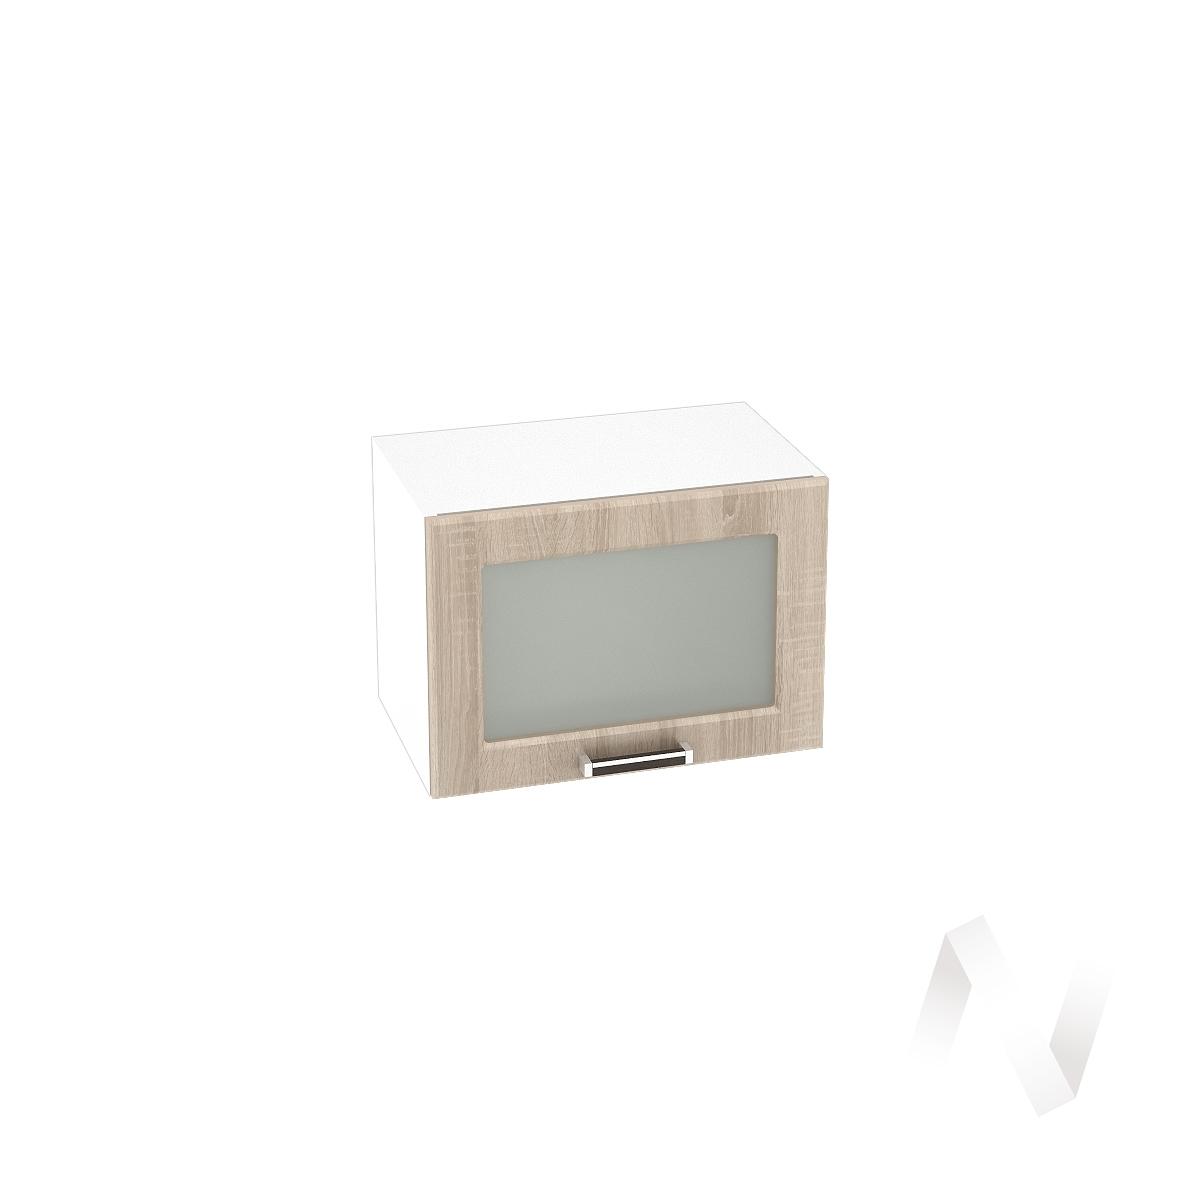 """Кухня """"Прага"""": Шкаф верхний горизонтальный со стеклом 500, ШВГС 500 (дуб сонома/корпус белый)"""